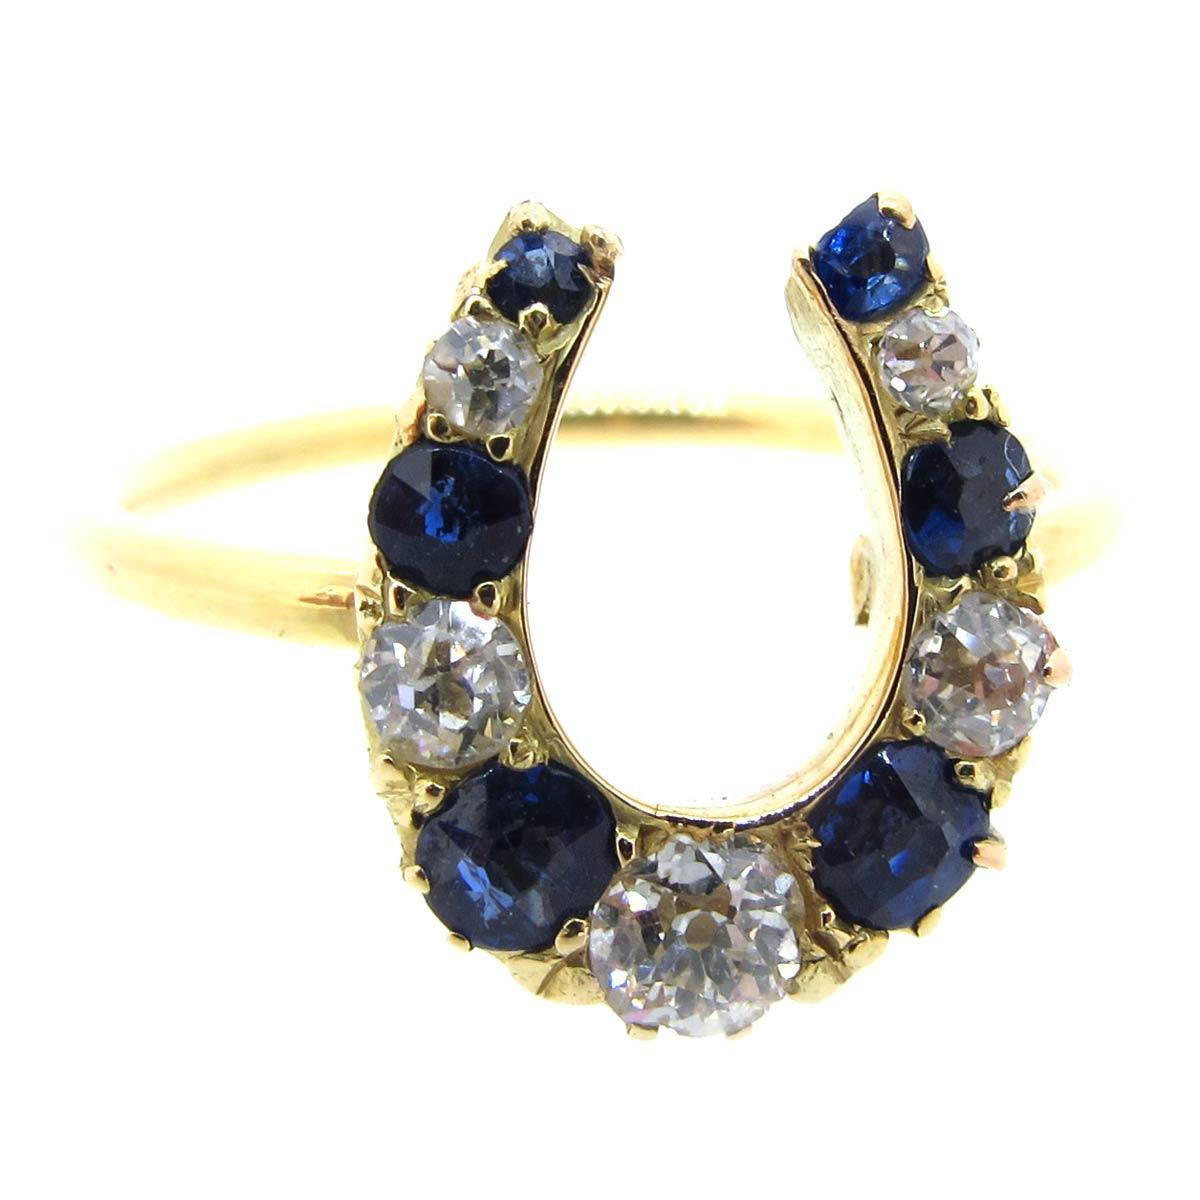 Sapphire & Diamond Horseshoe Ring